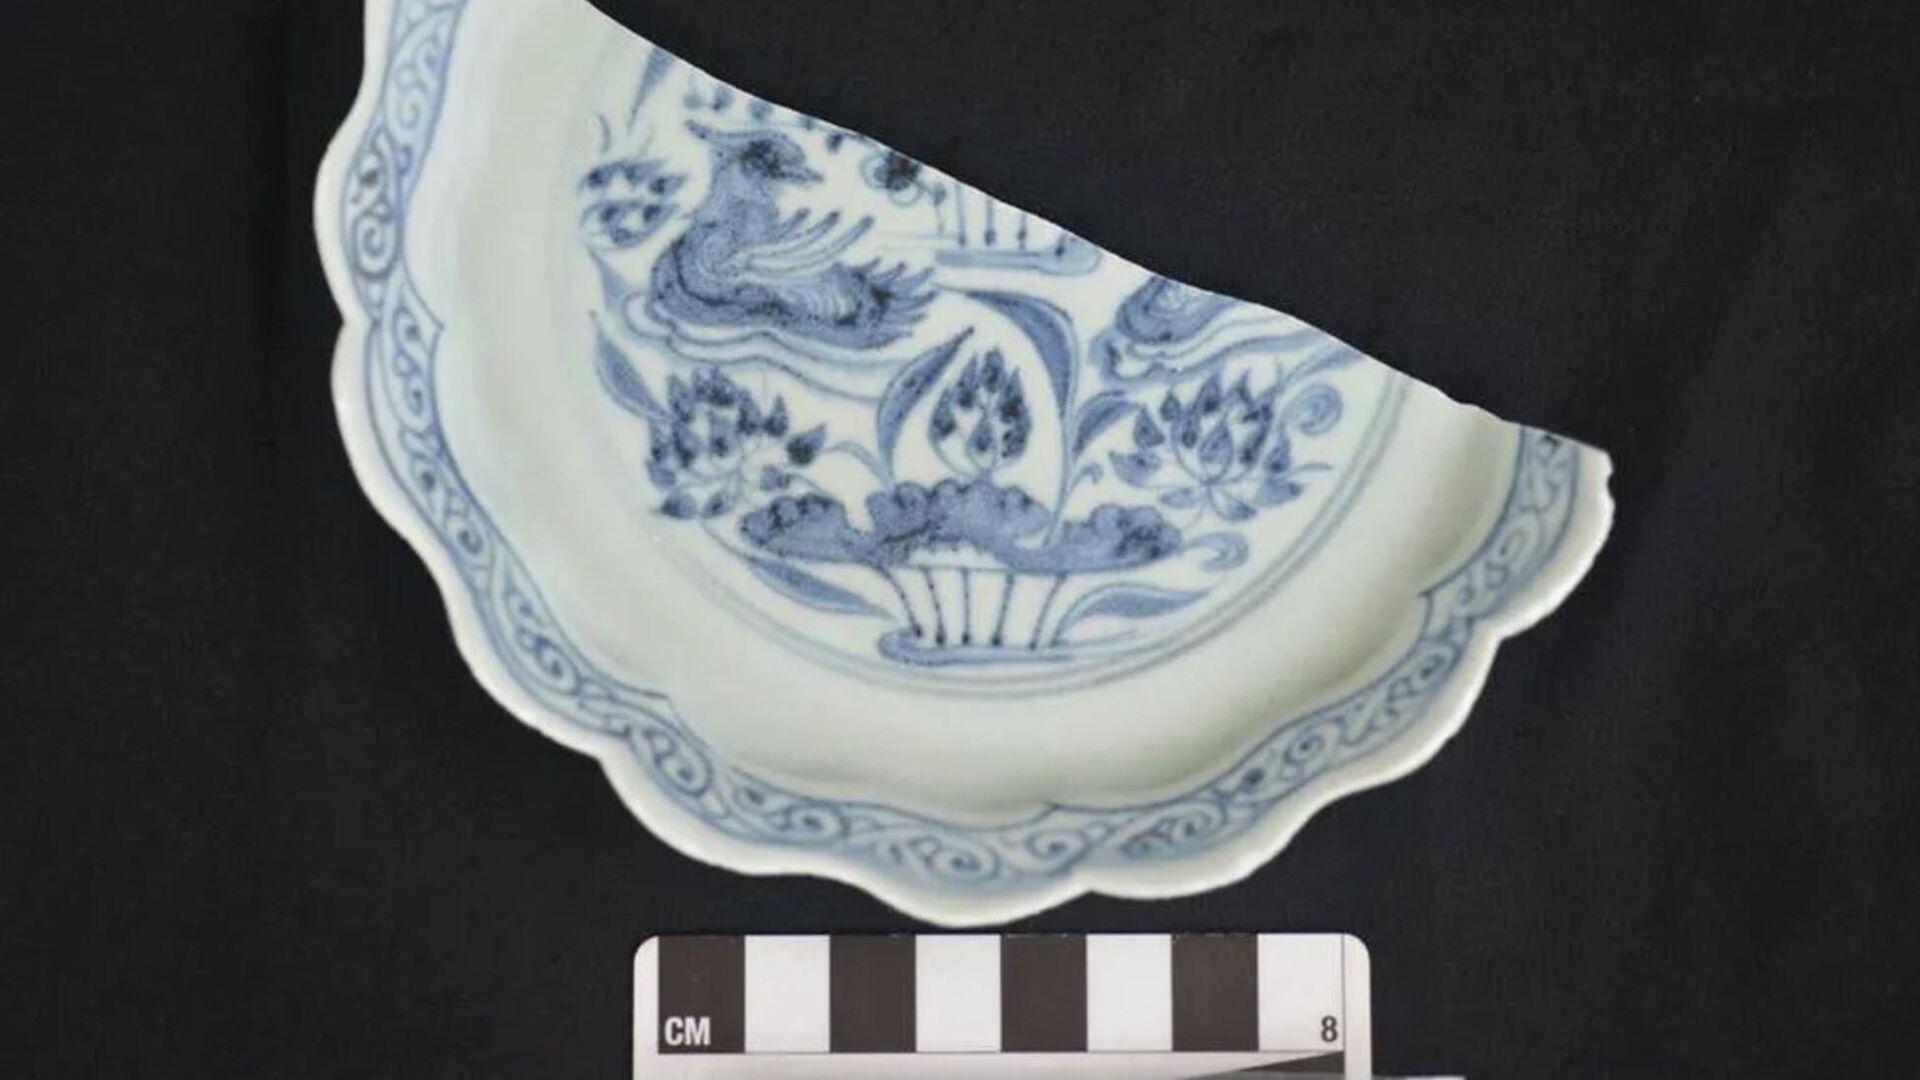 Jeden z předmětů, který byl nalezen ve vraku lodě v teritoriálních vodách Singapuru. - Sputnik Česká republika, 1920, 19.06.2021